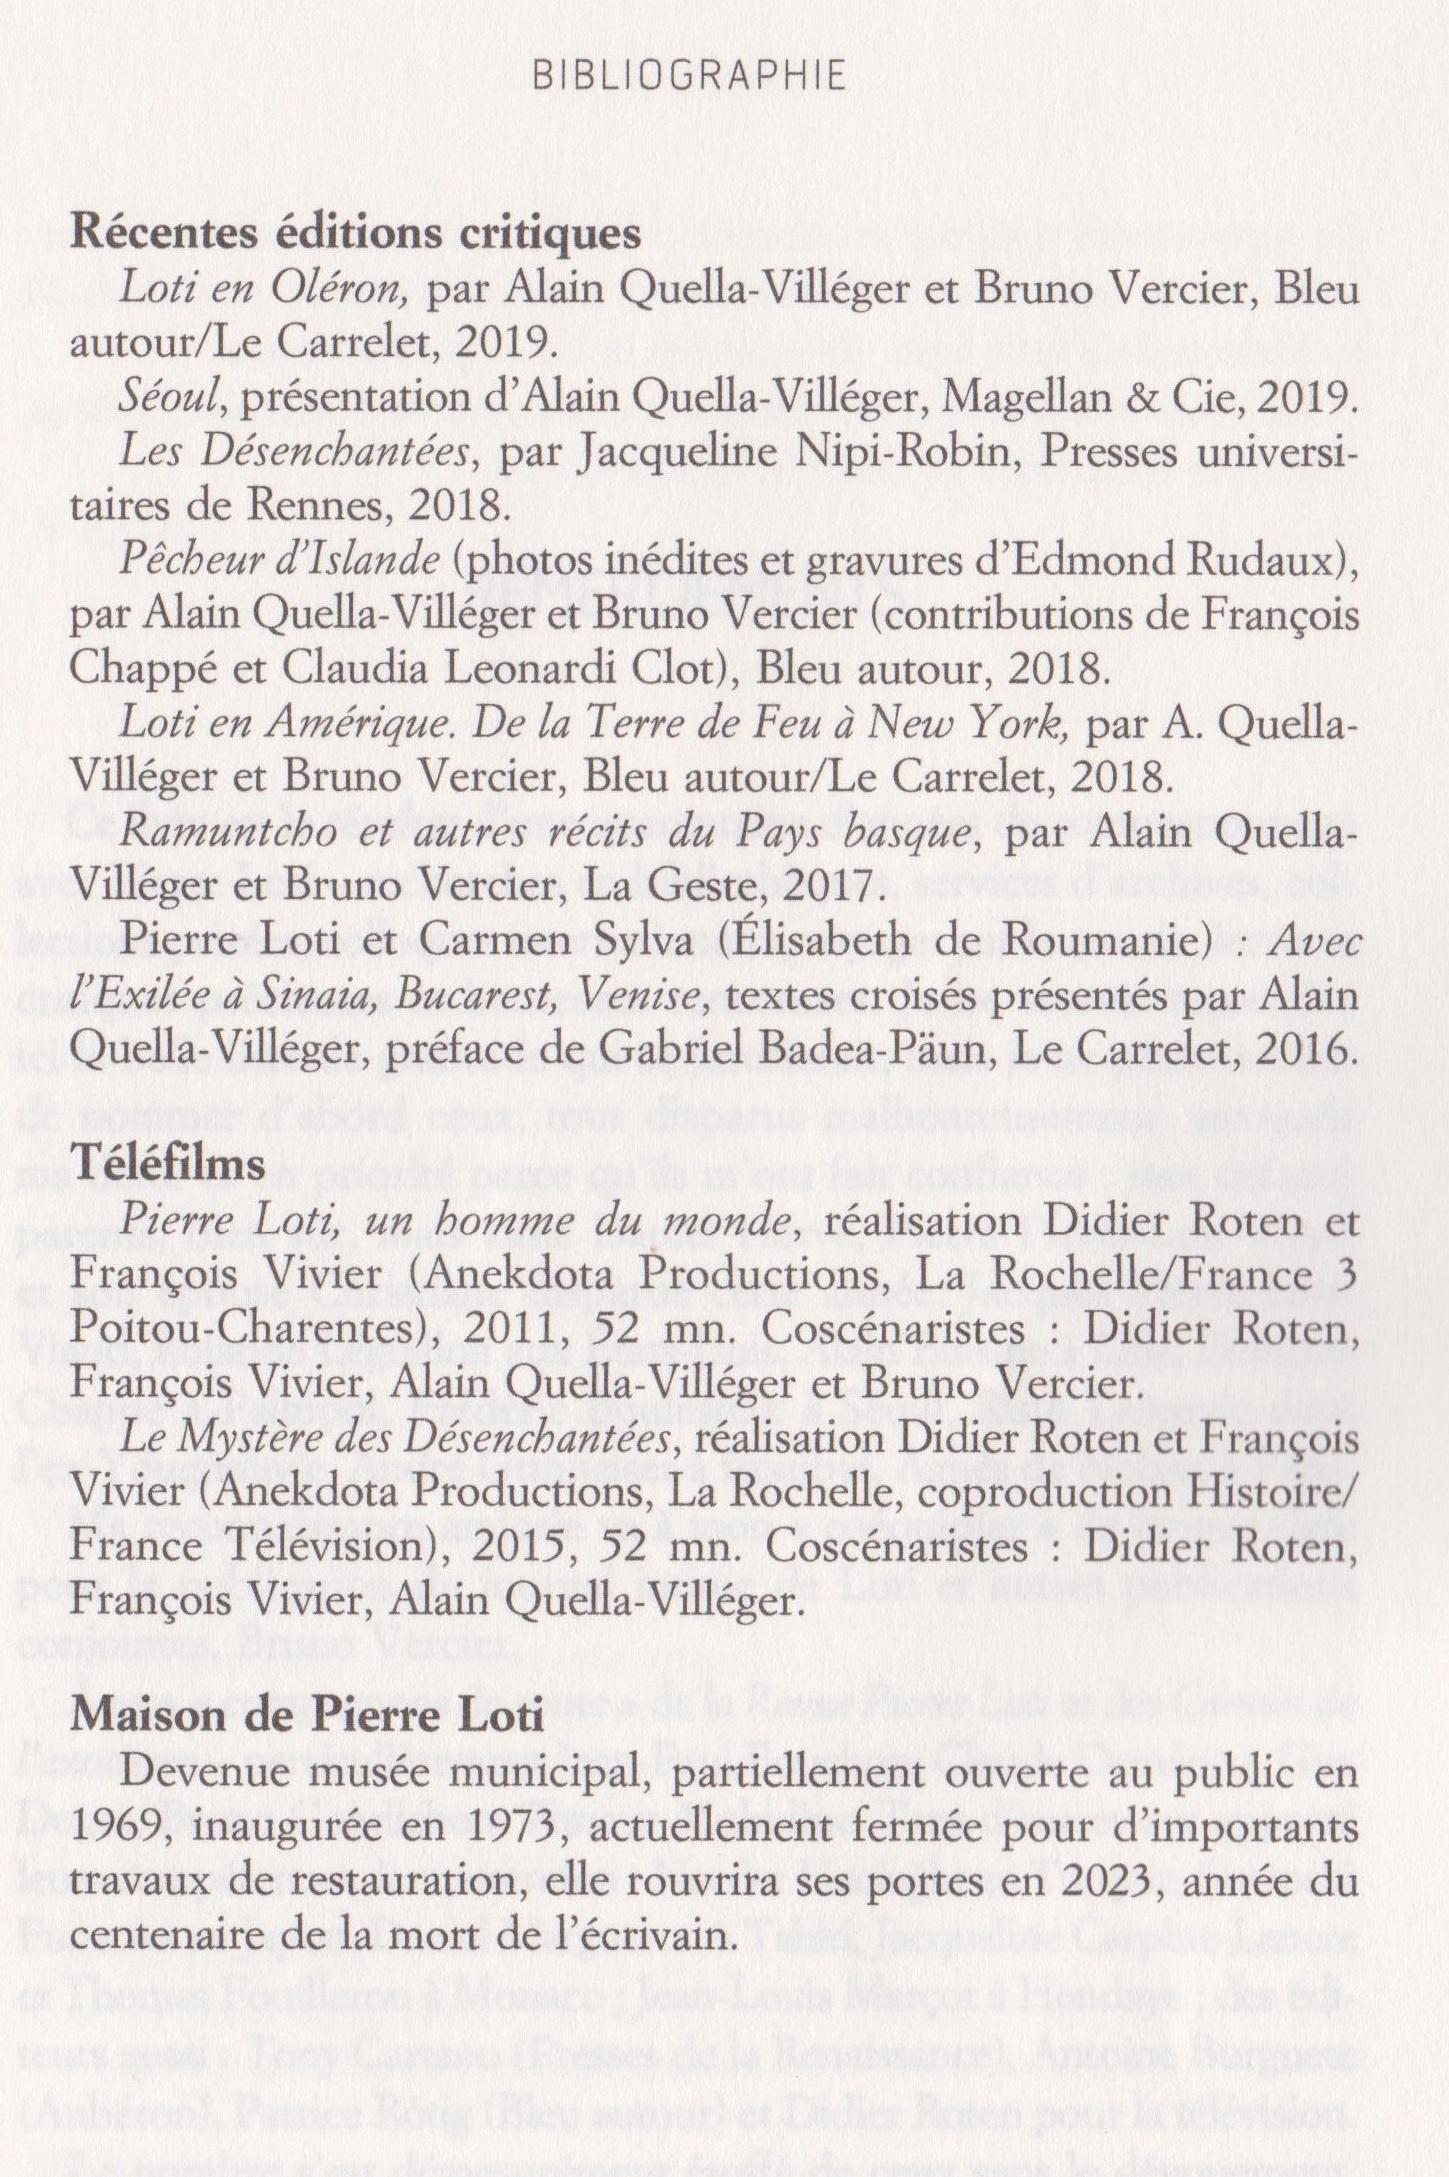 Oeuvres Pierre Loti et commentées-3